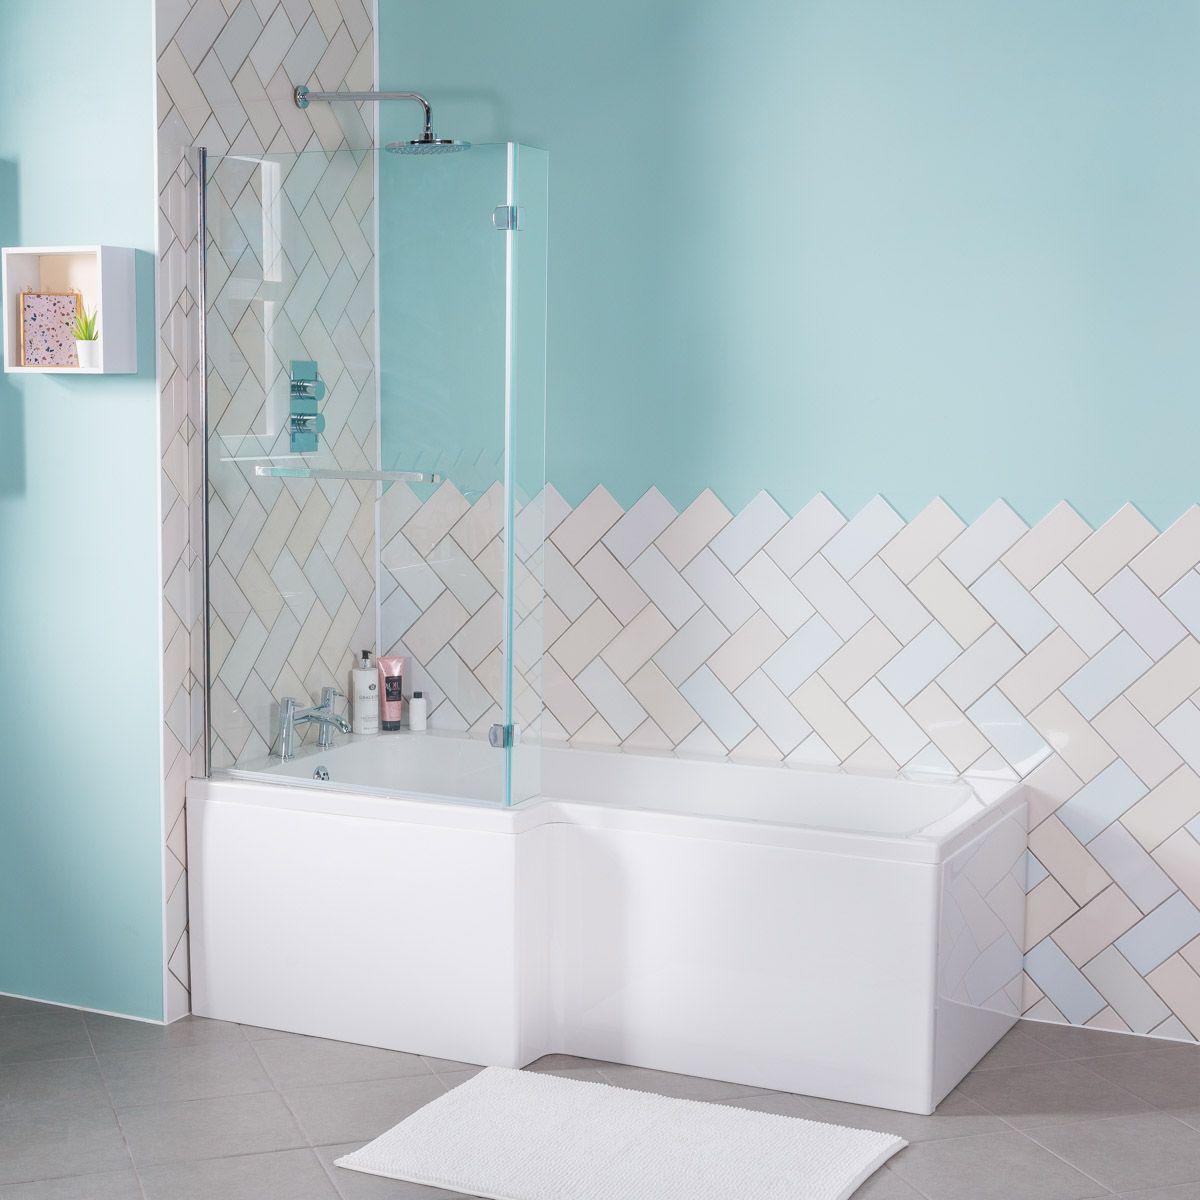 Unser Neues Set Mit Einer L F 246 Rmigen Badewanne Praktischm